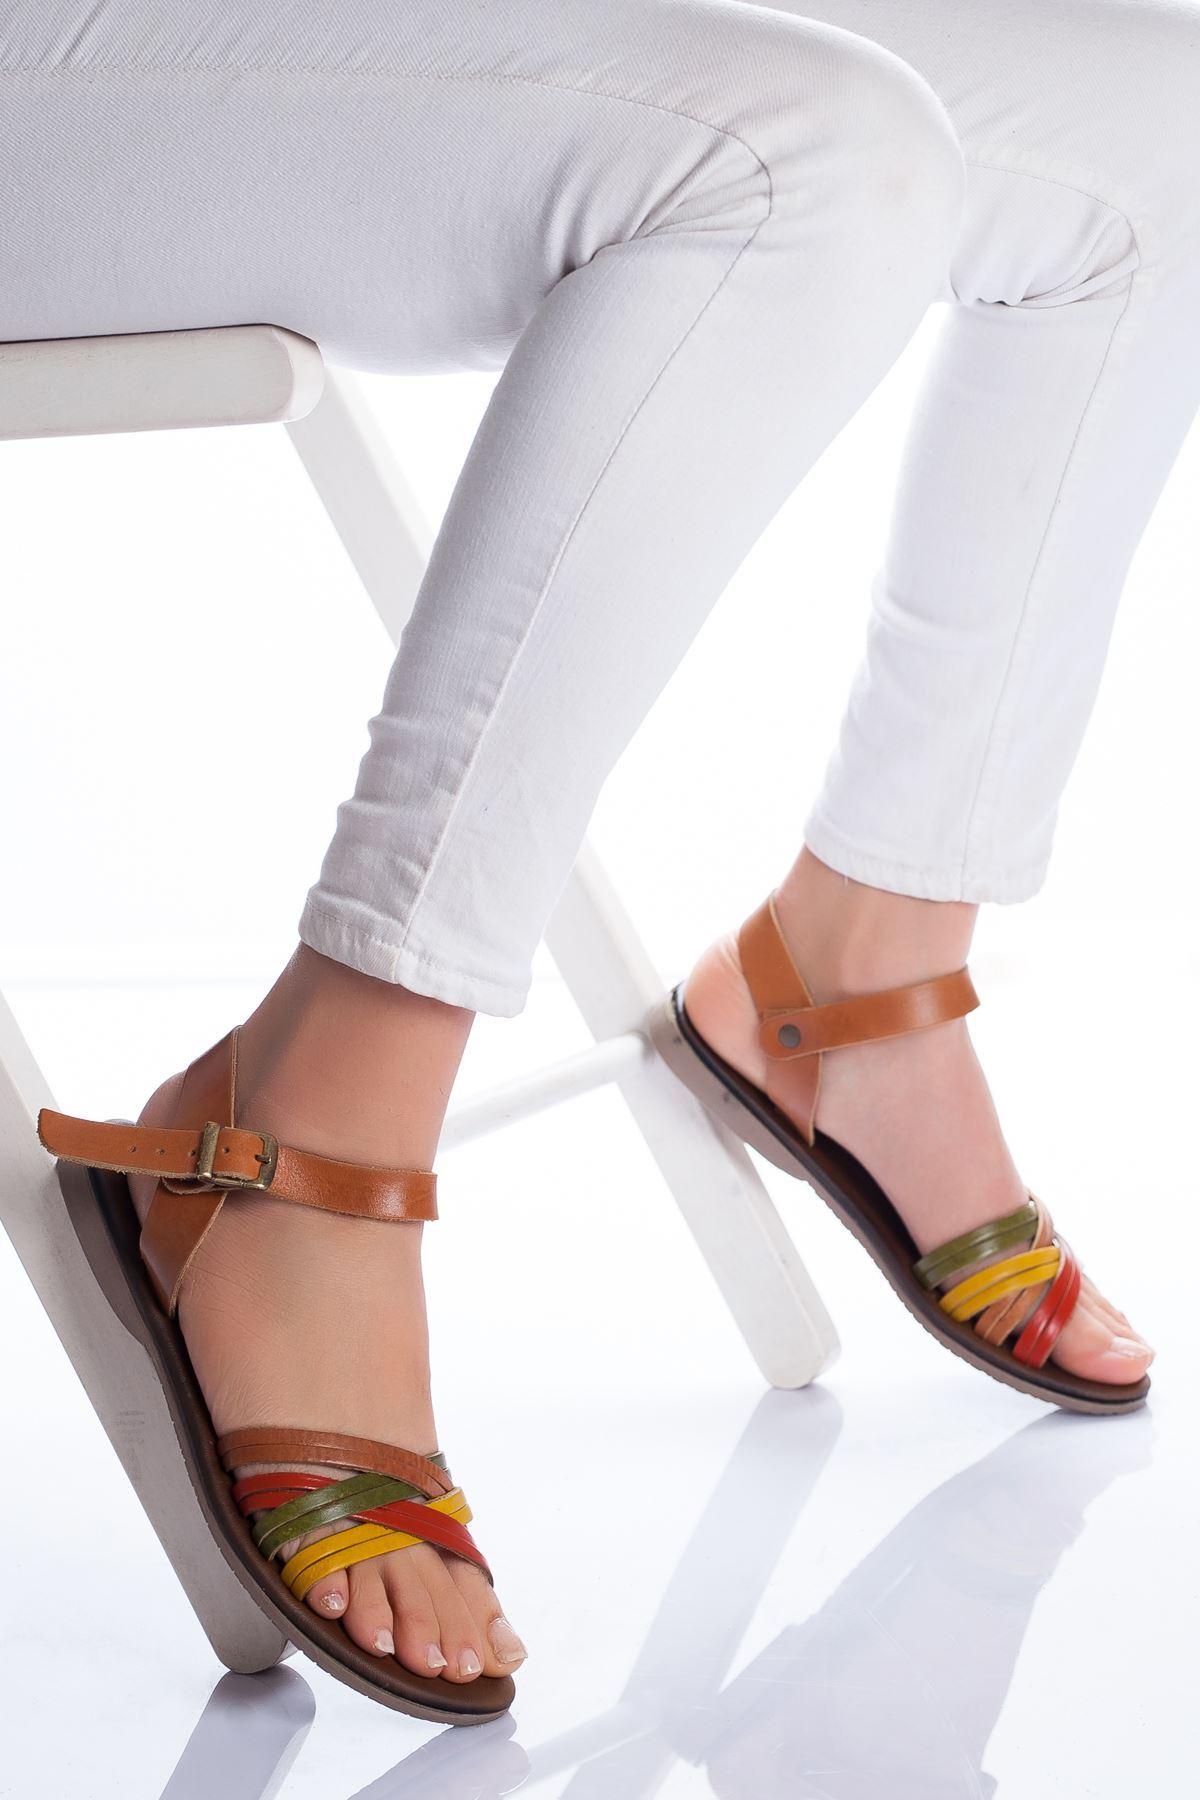 Dorel Hakiki Deri Sandalet MİX